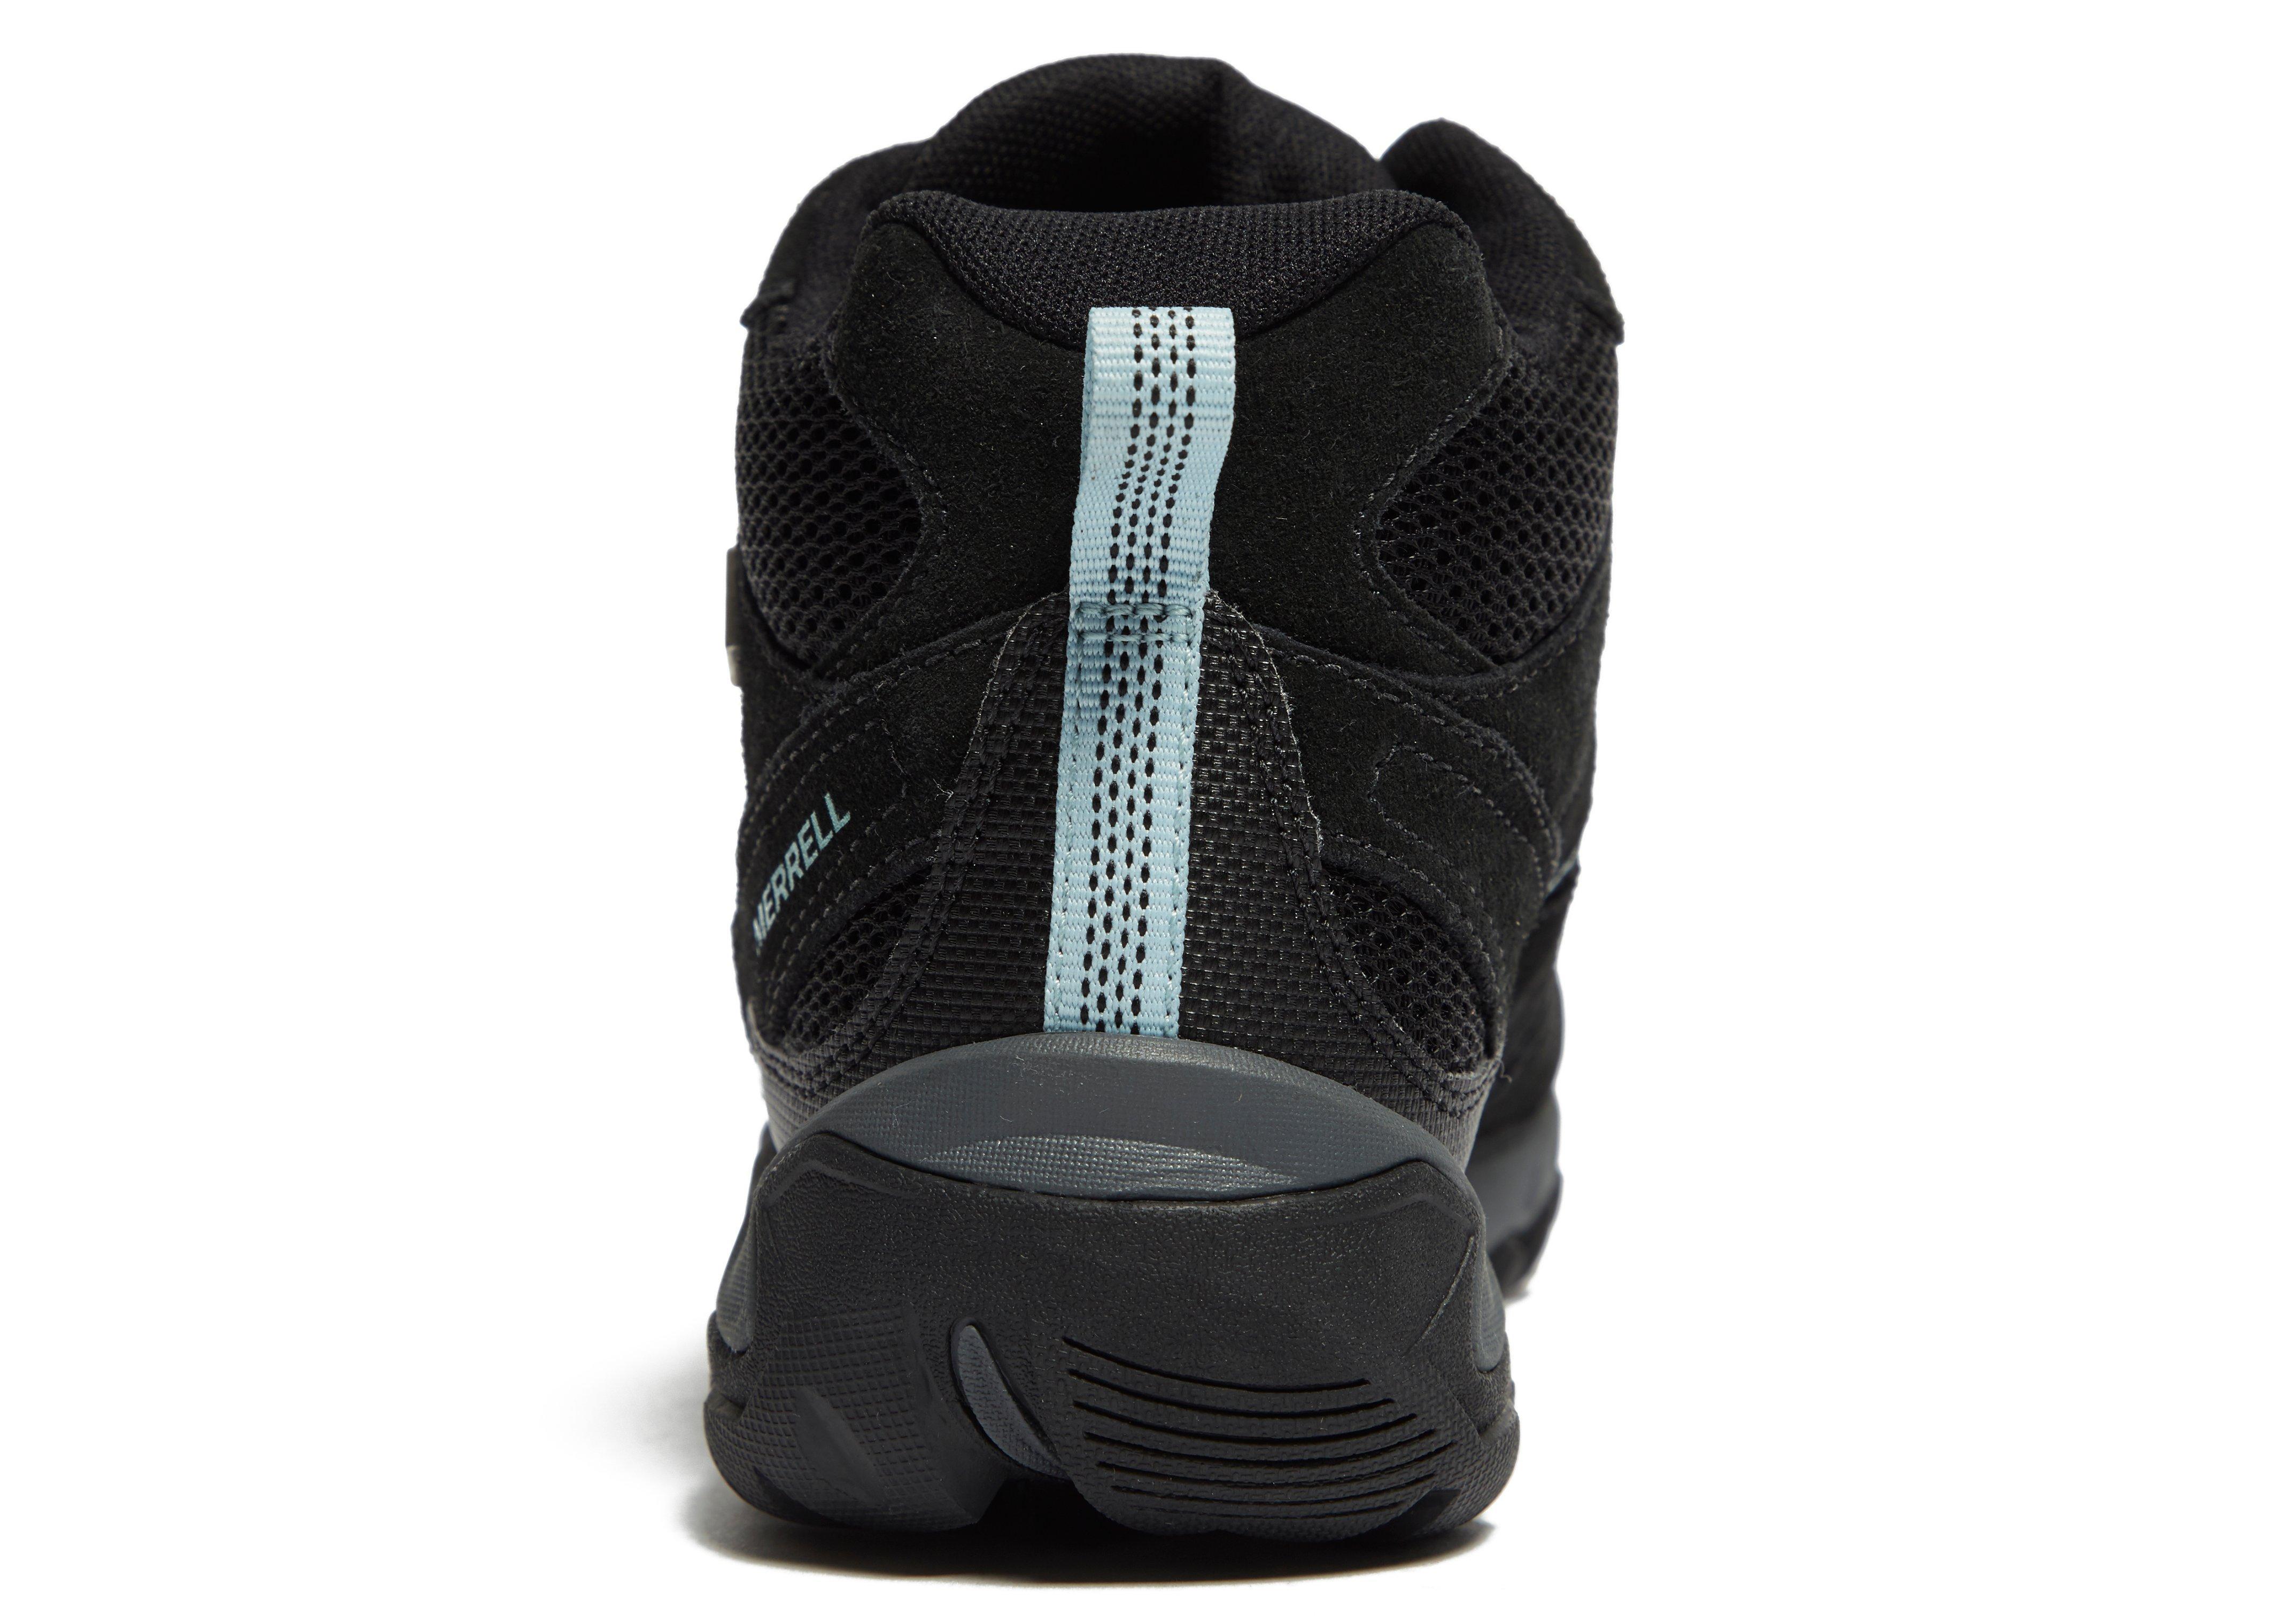 Merrell White Pine Mid Vent Walking Boots In Black For Men